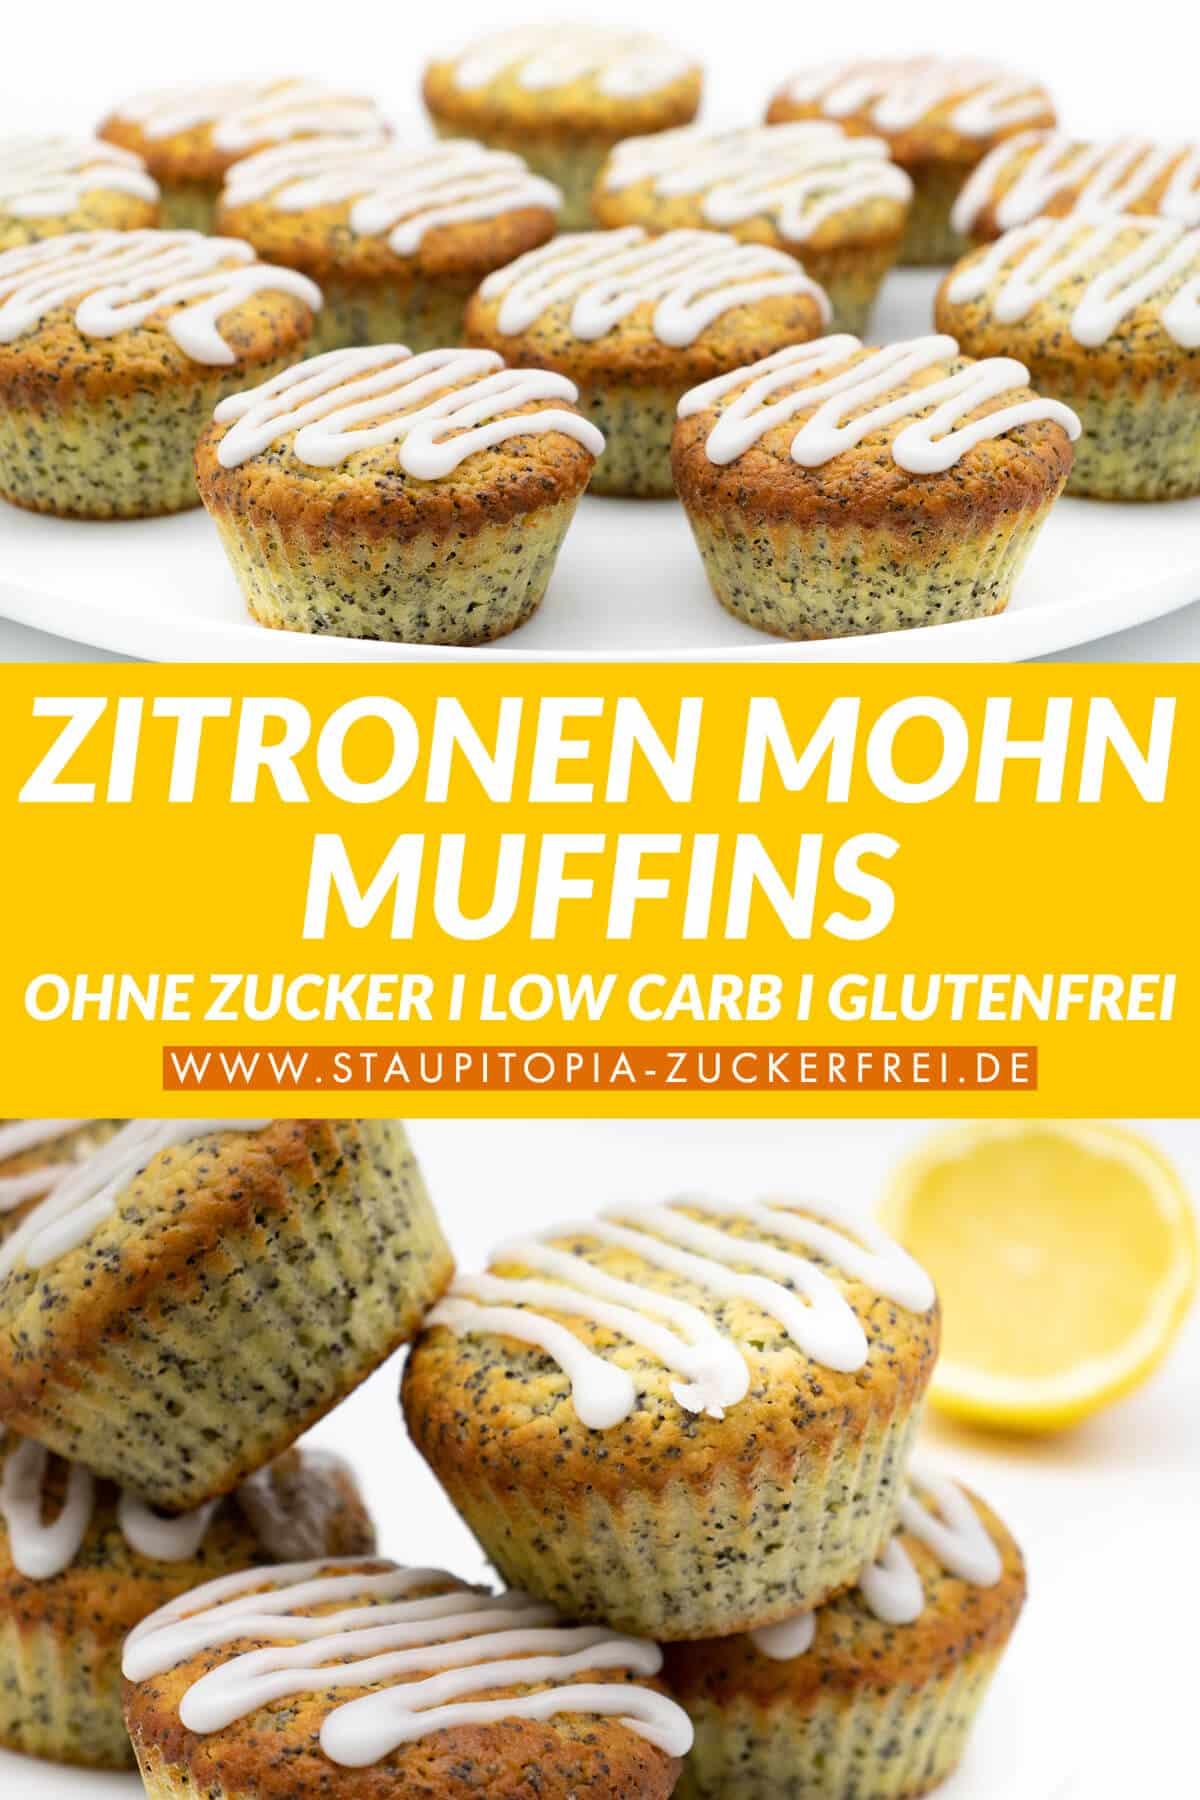 Low Carb Zitronen Mohn Muffins ohne Zucker